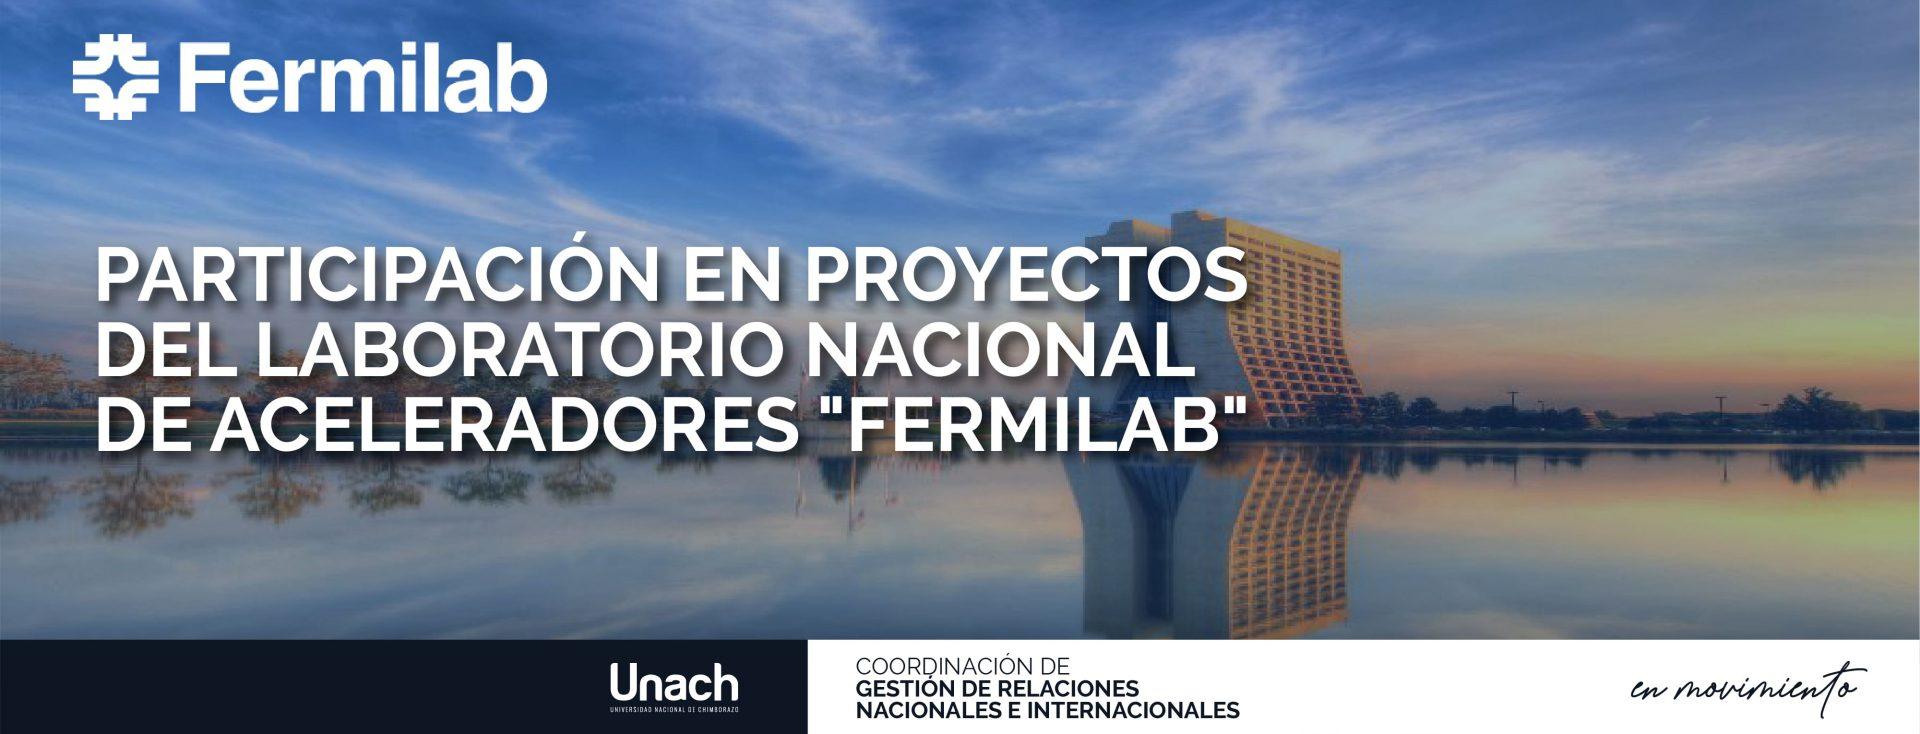 """PARTICIPACIÓN EN PROYECTOS  DEL LABORATORIO NACIONAL  DE ACELERADORES """"FERMILAB"""""""